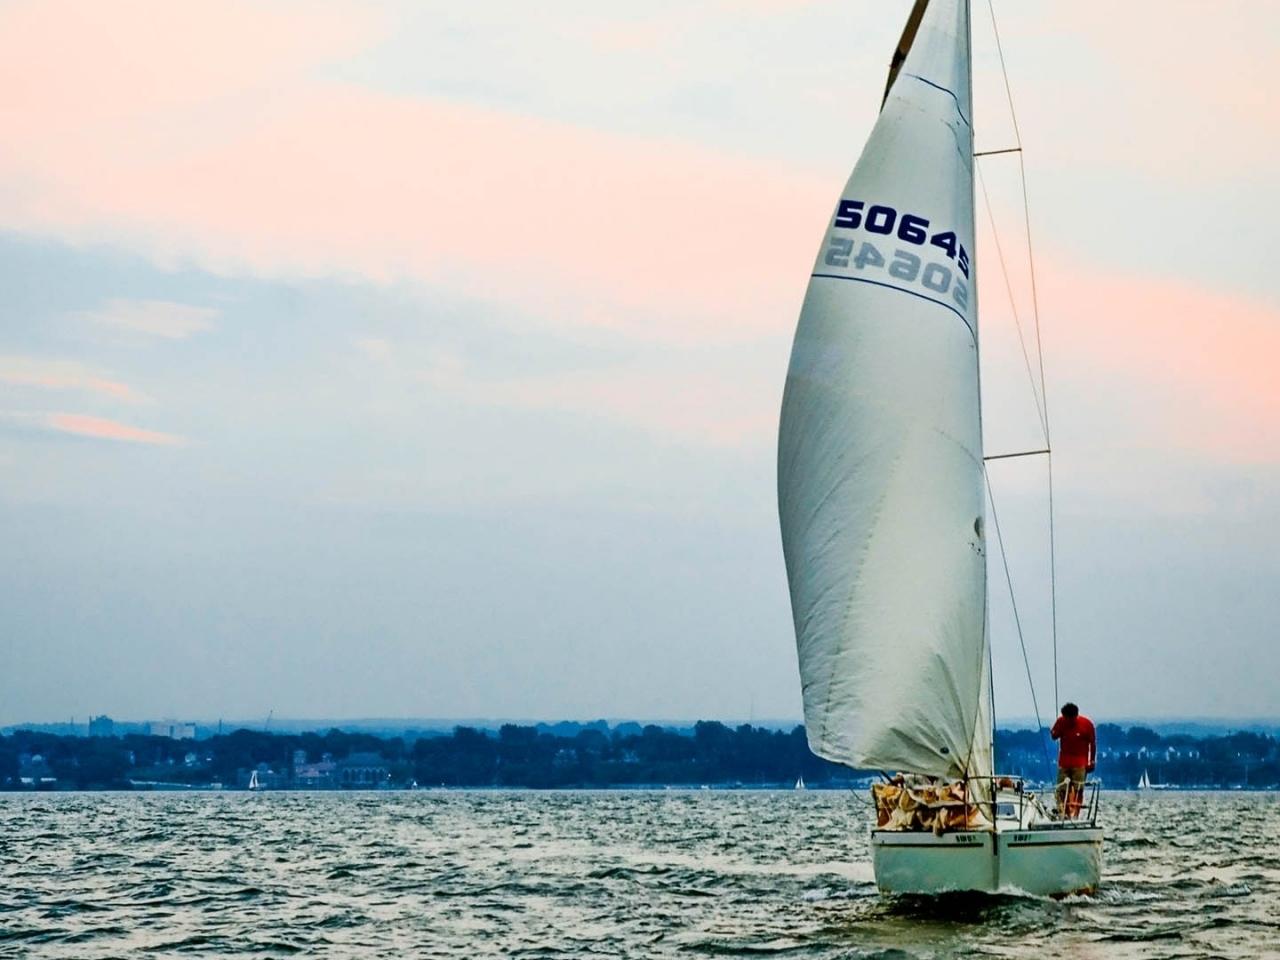 Un velero en altamar - 1280x960